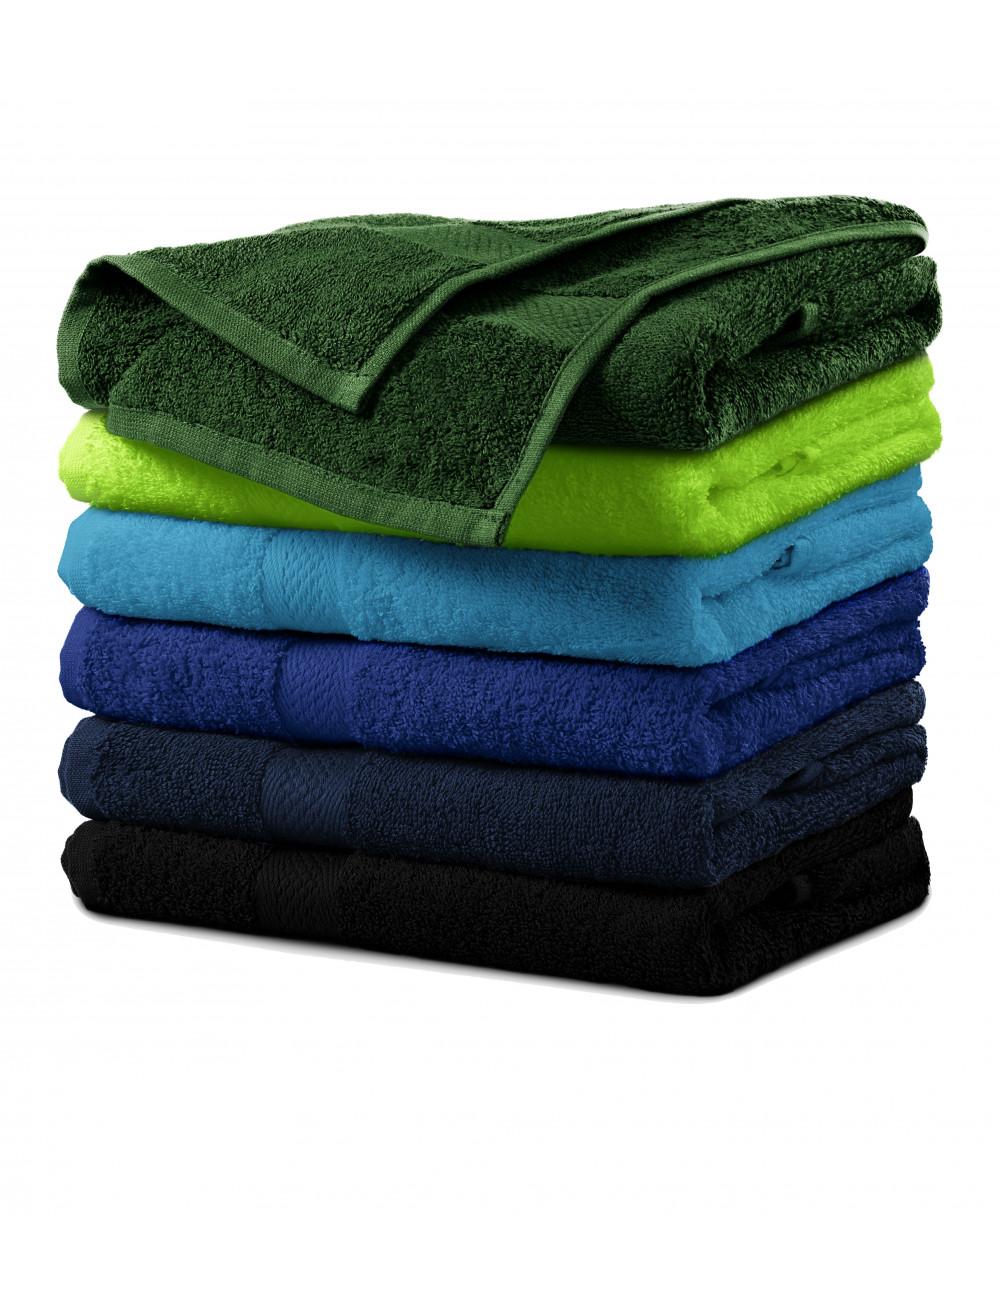 Adler MALFINI Ręcznik unisex Terry Towel 903 czarny